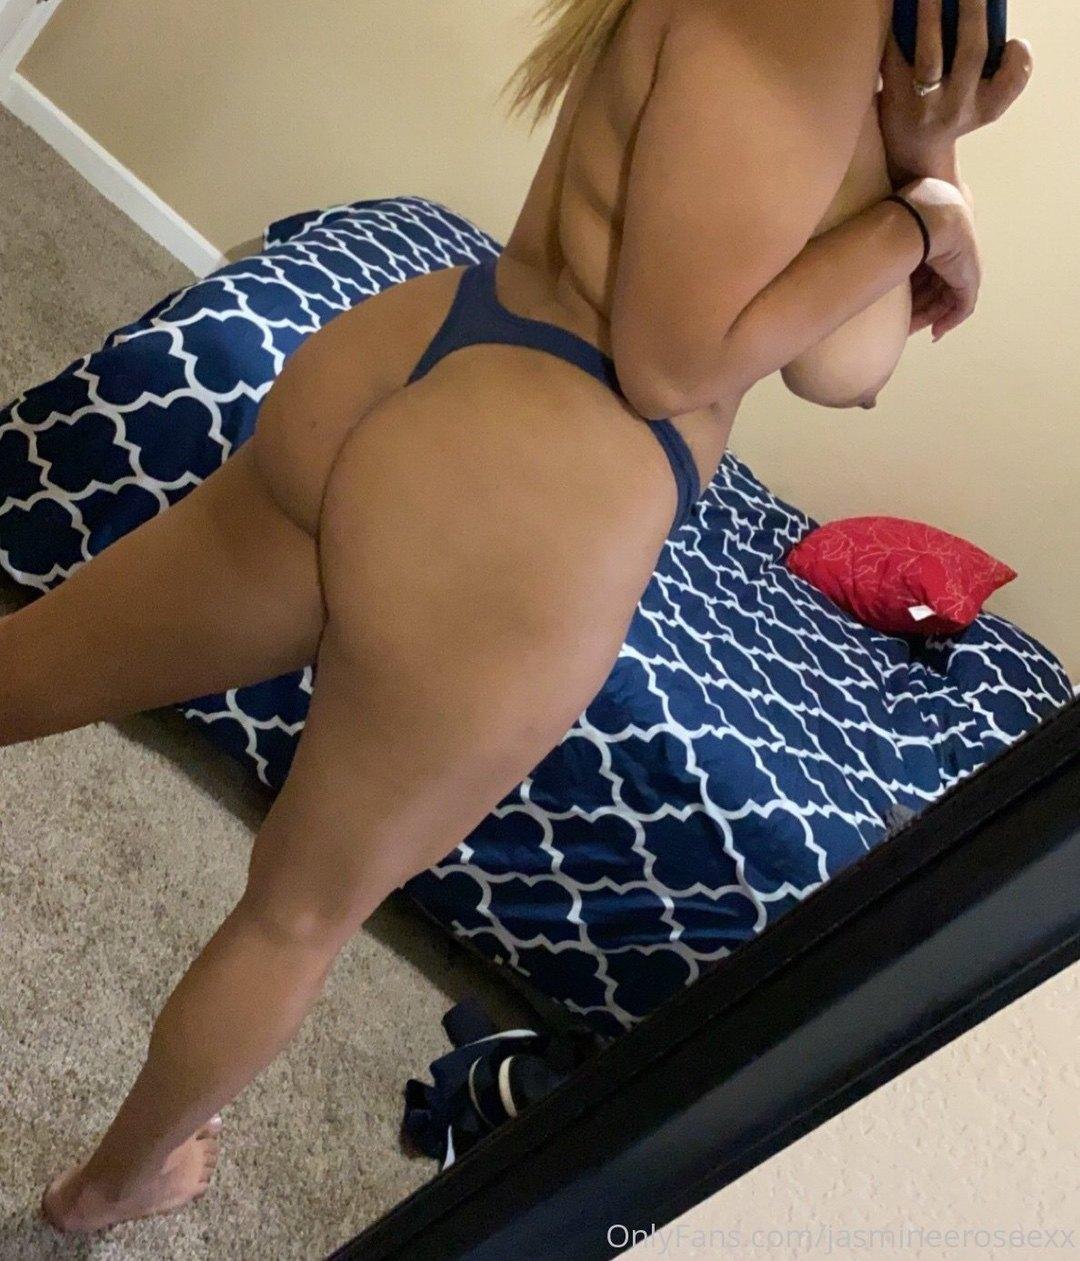 Jasmineeroseexx Onlyfans Nudes Leaks 0011